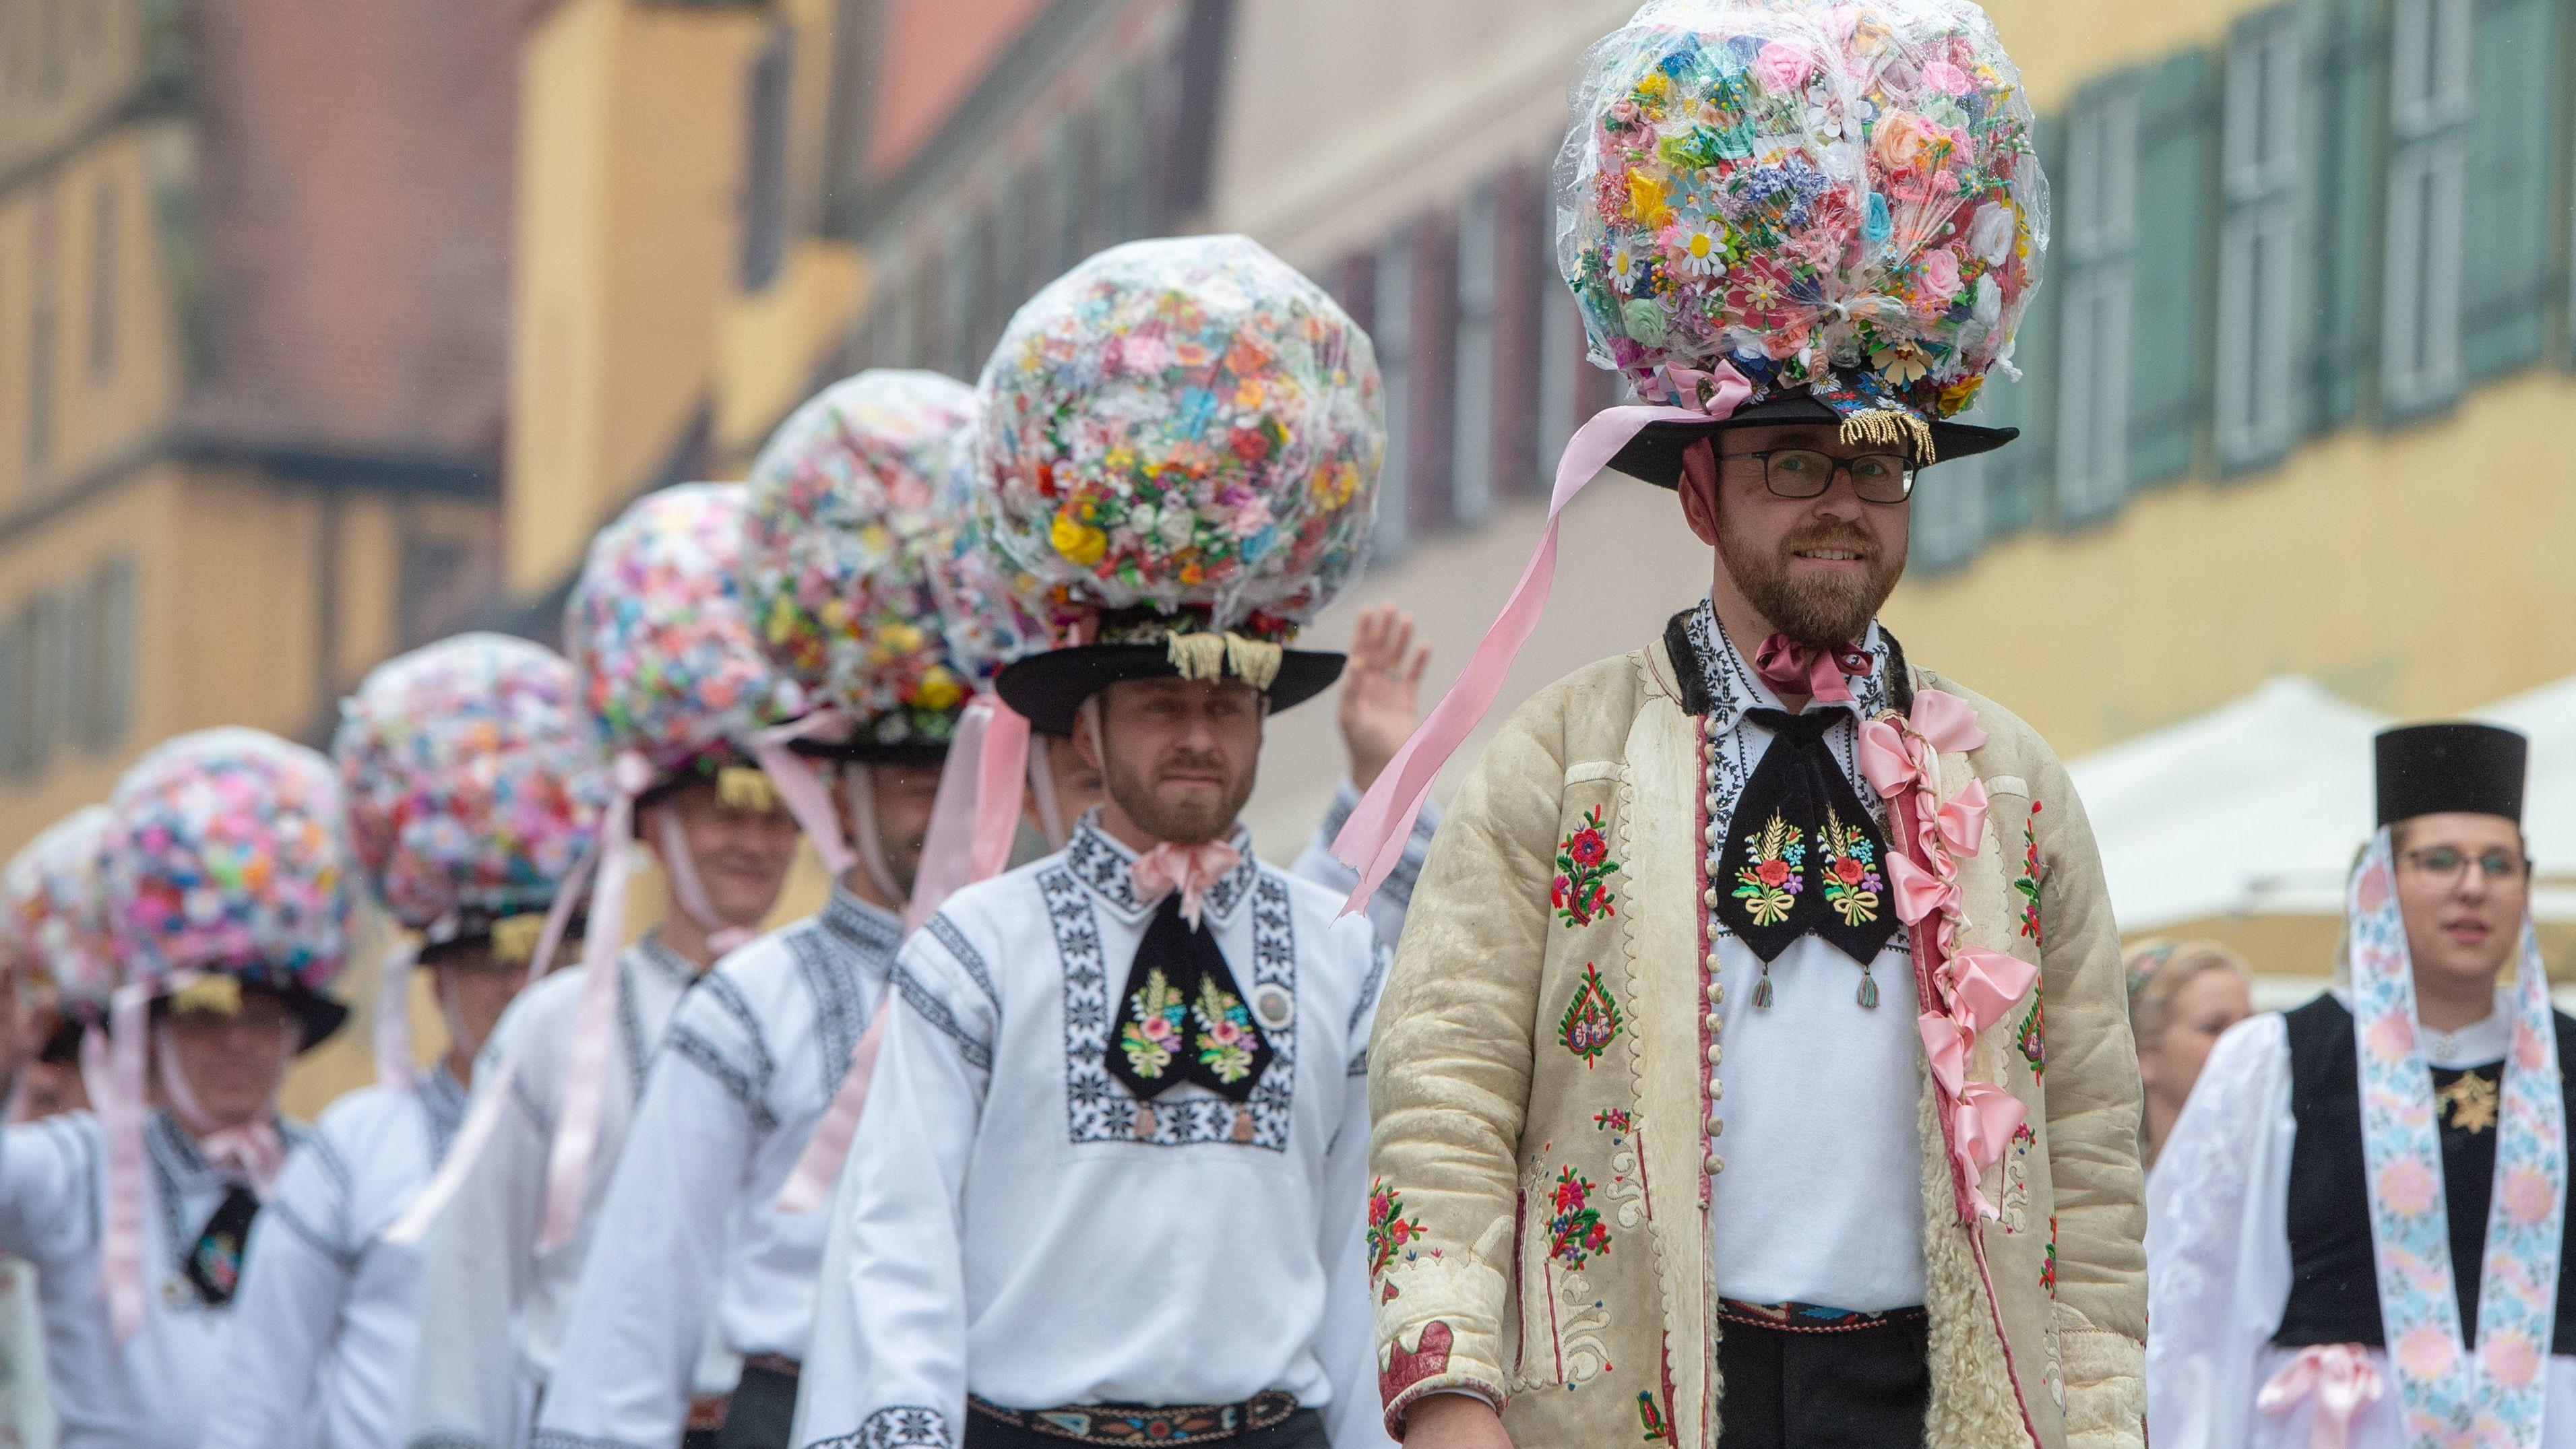 Männer mit prächtigem Hutschmuck beim Trachtenumzug der Siebenbürger Sachsen in Dinkelsbühl 2018